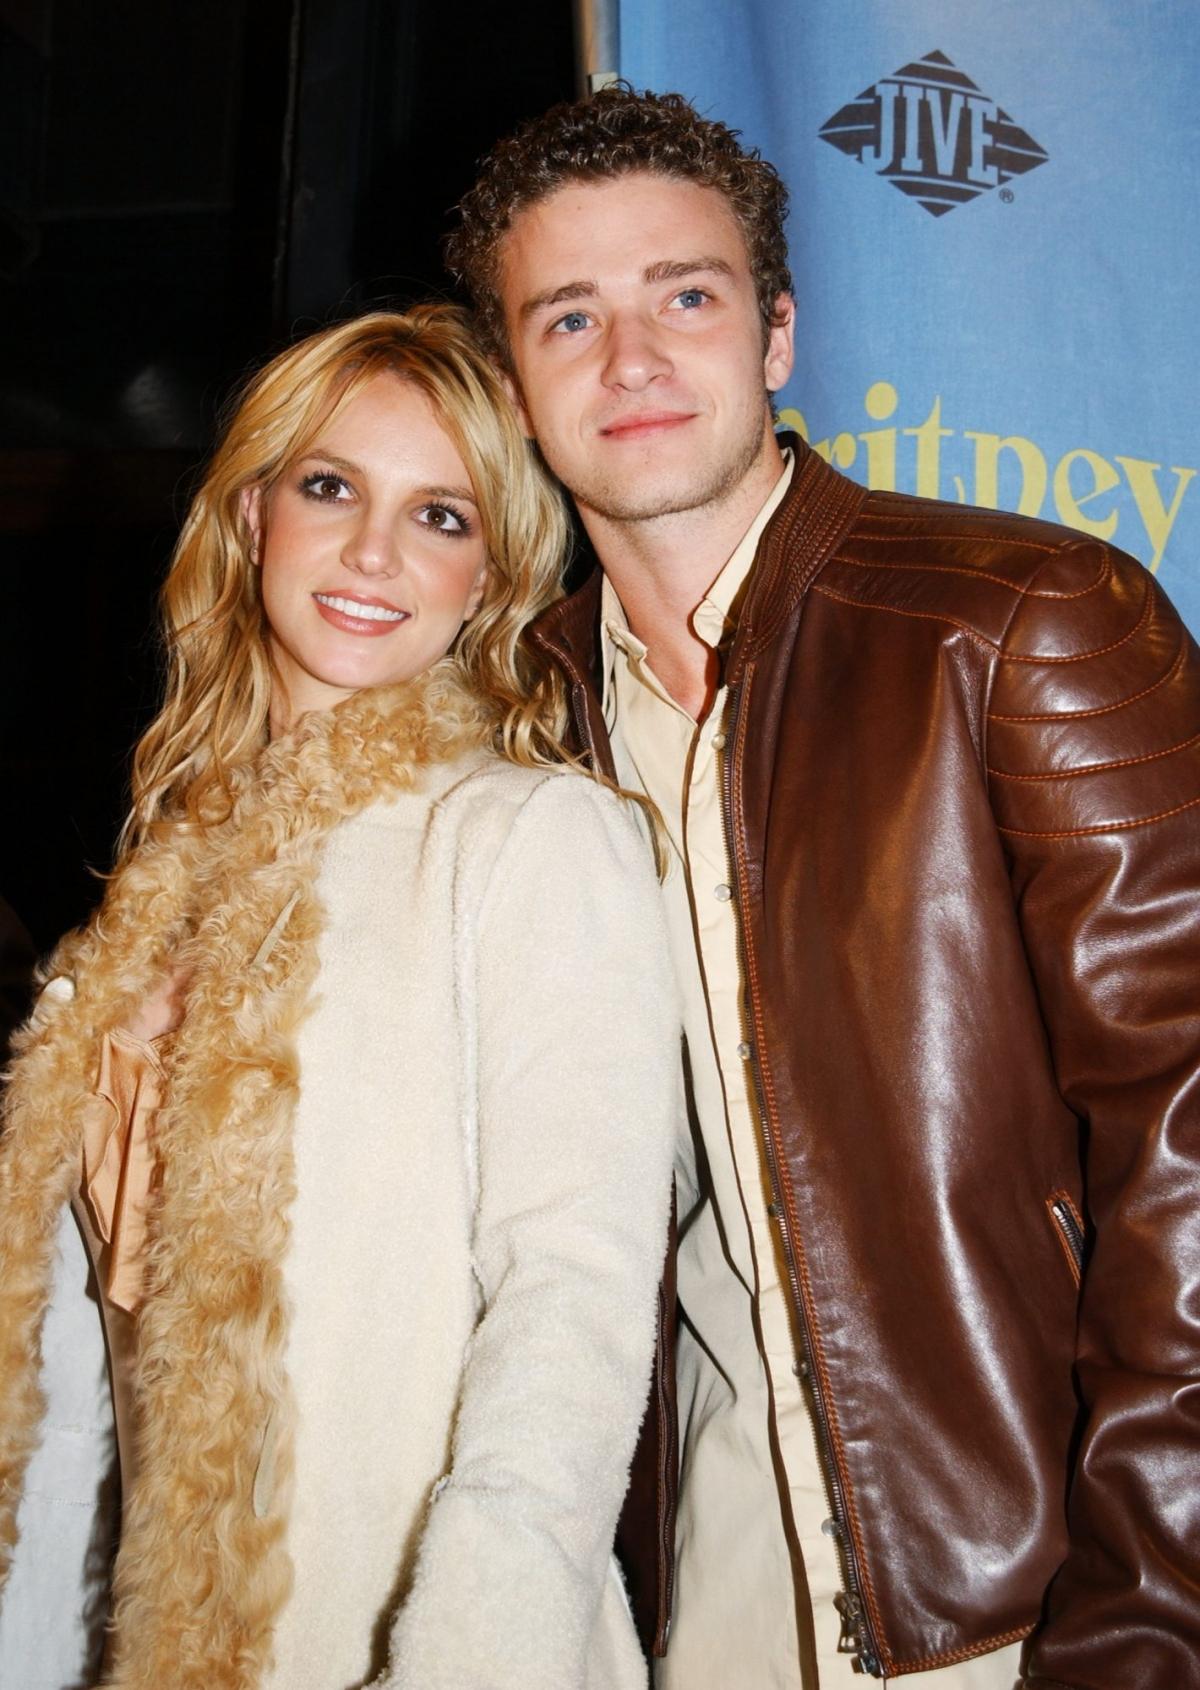 Bạn trai cũ của Britney là Justin Timberlake lên tiếng ủng hộ cô đấu tranh cho tự do của mình.